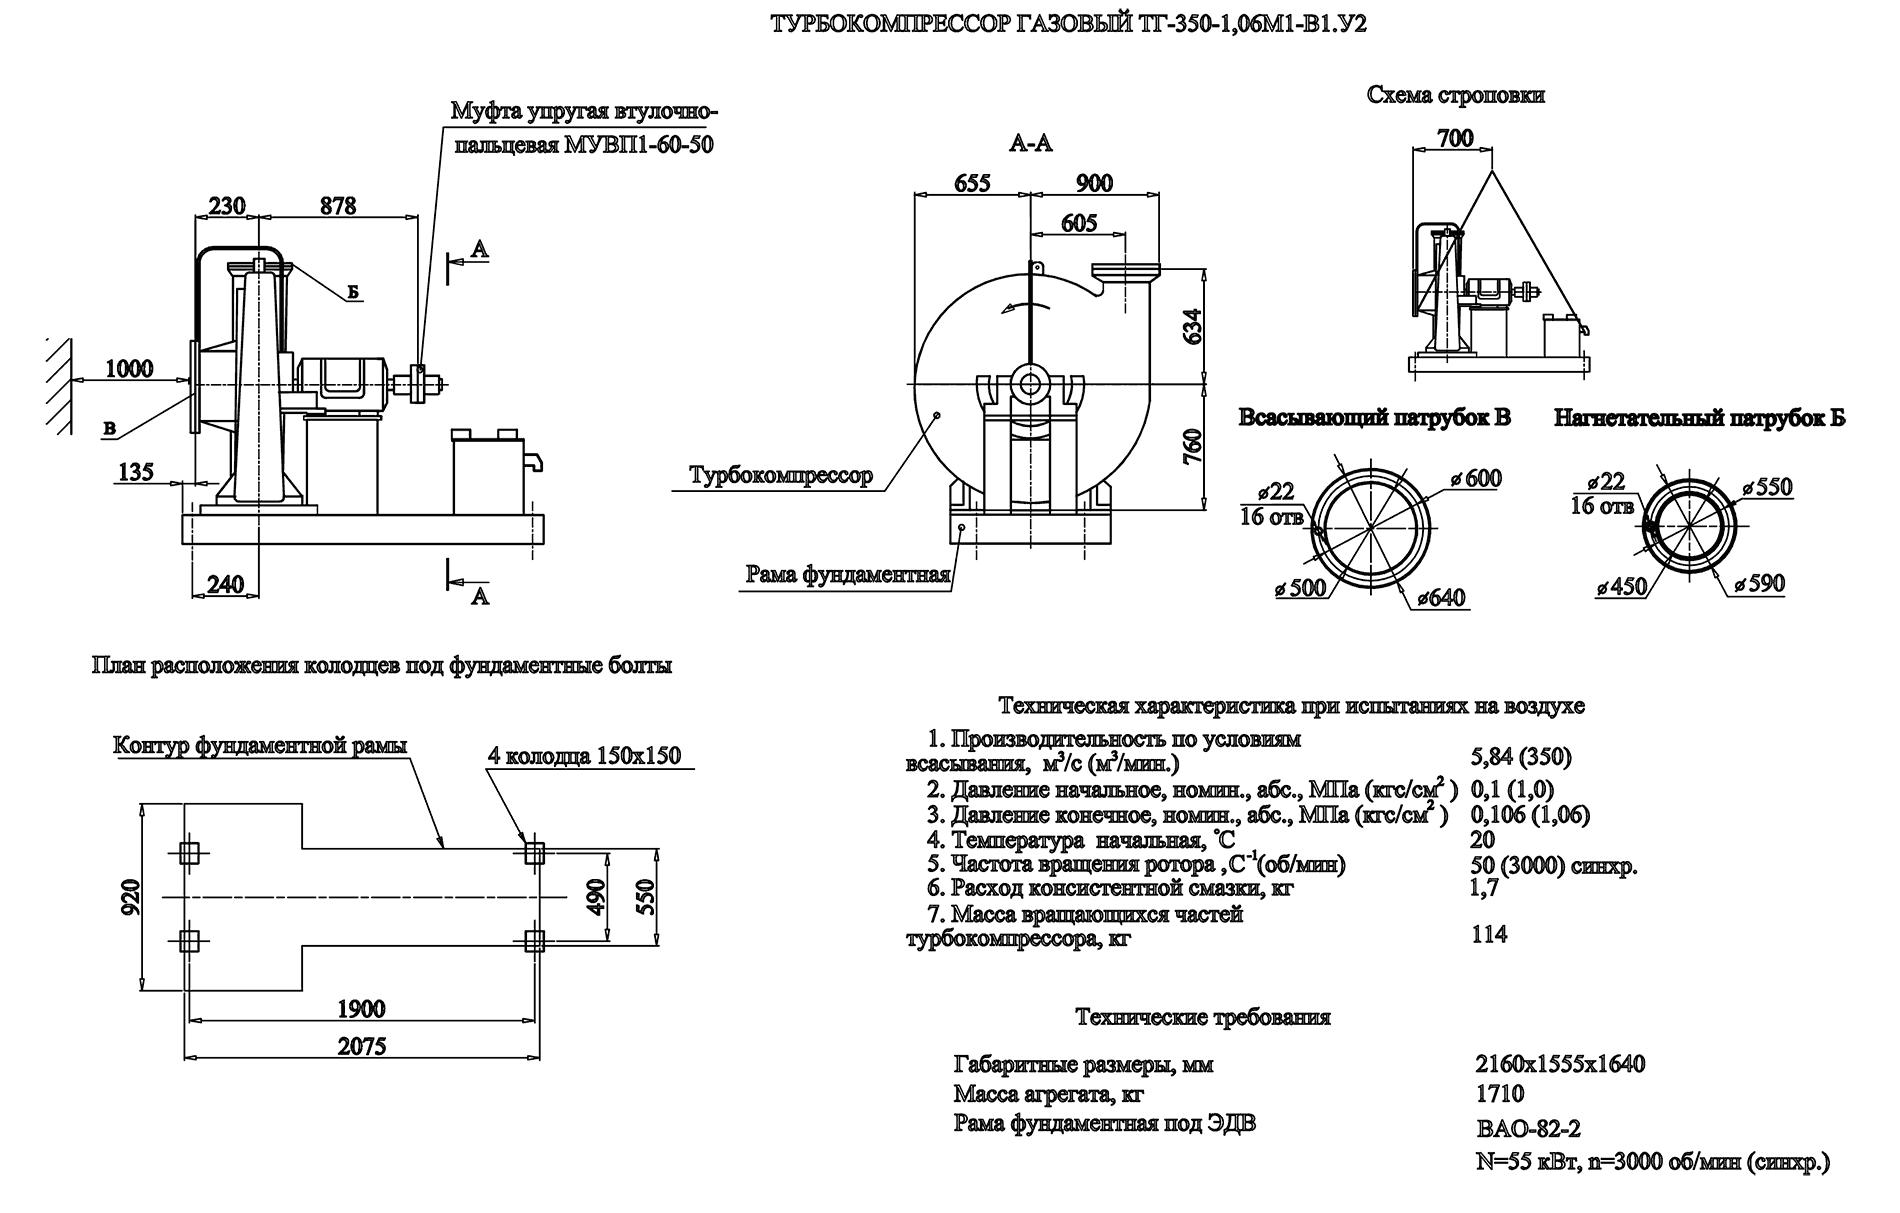 Характеристика газодувки ТГ-350-1,06М1-В1